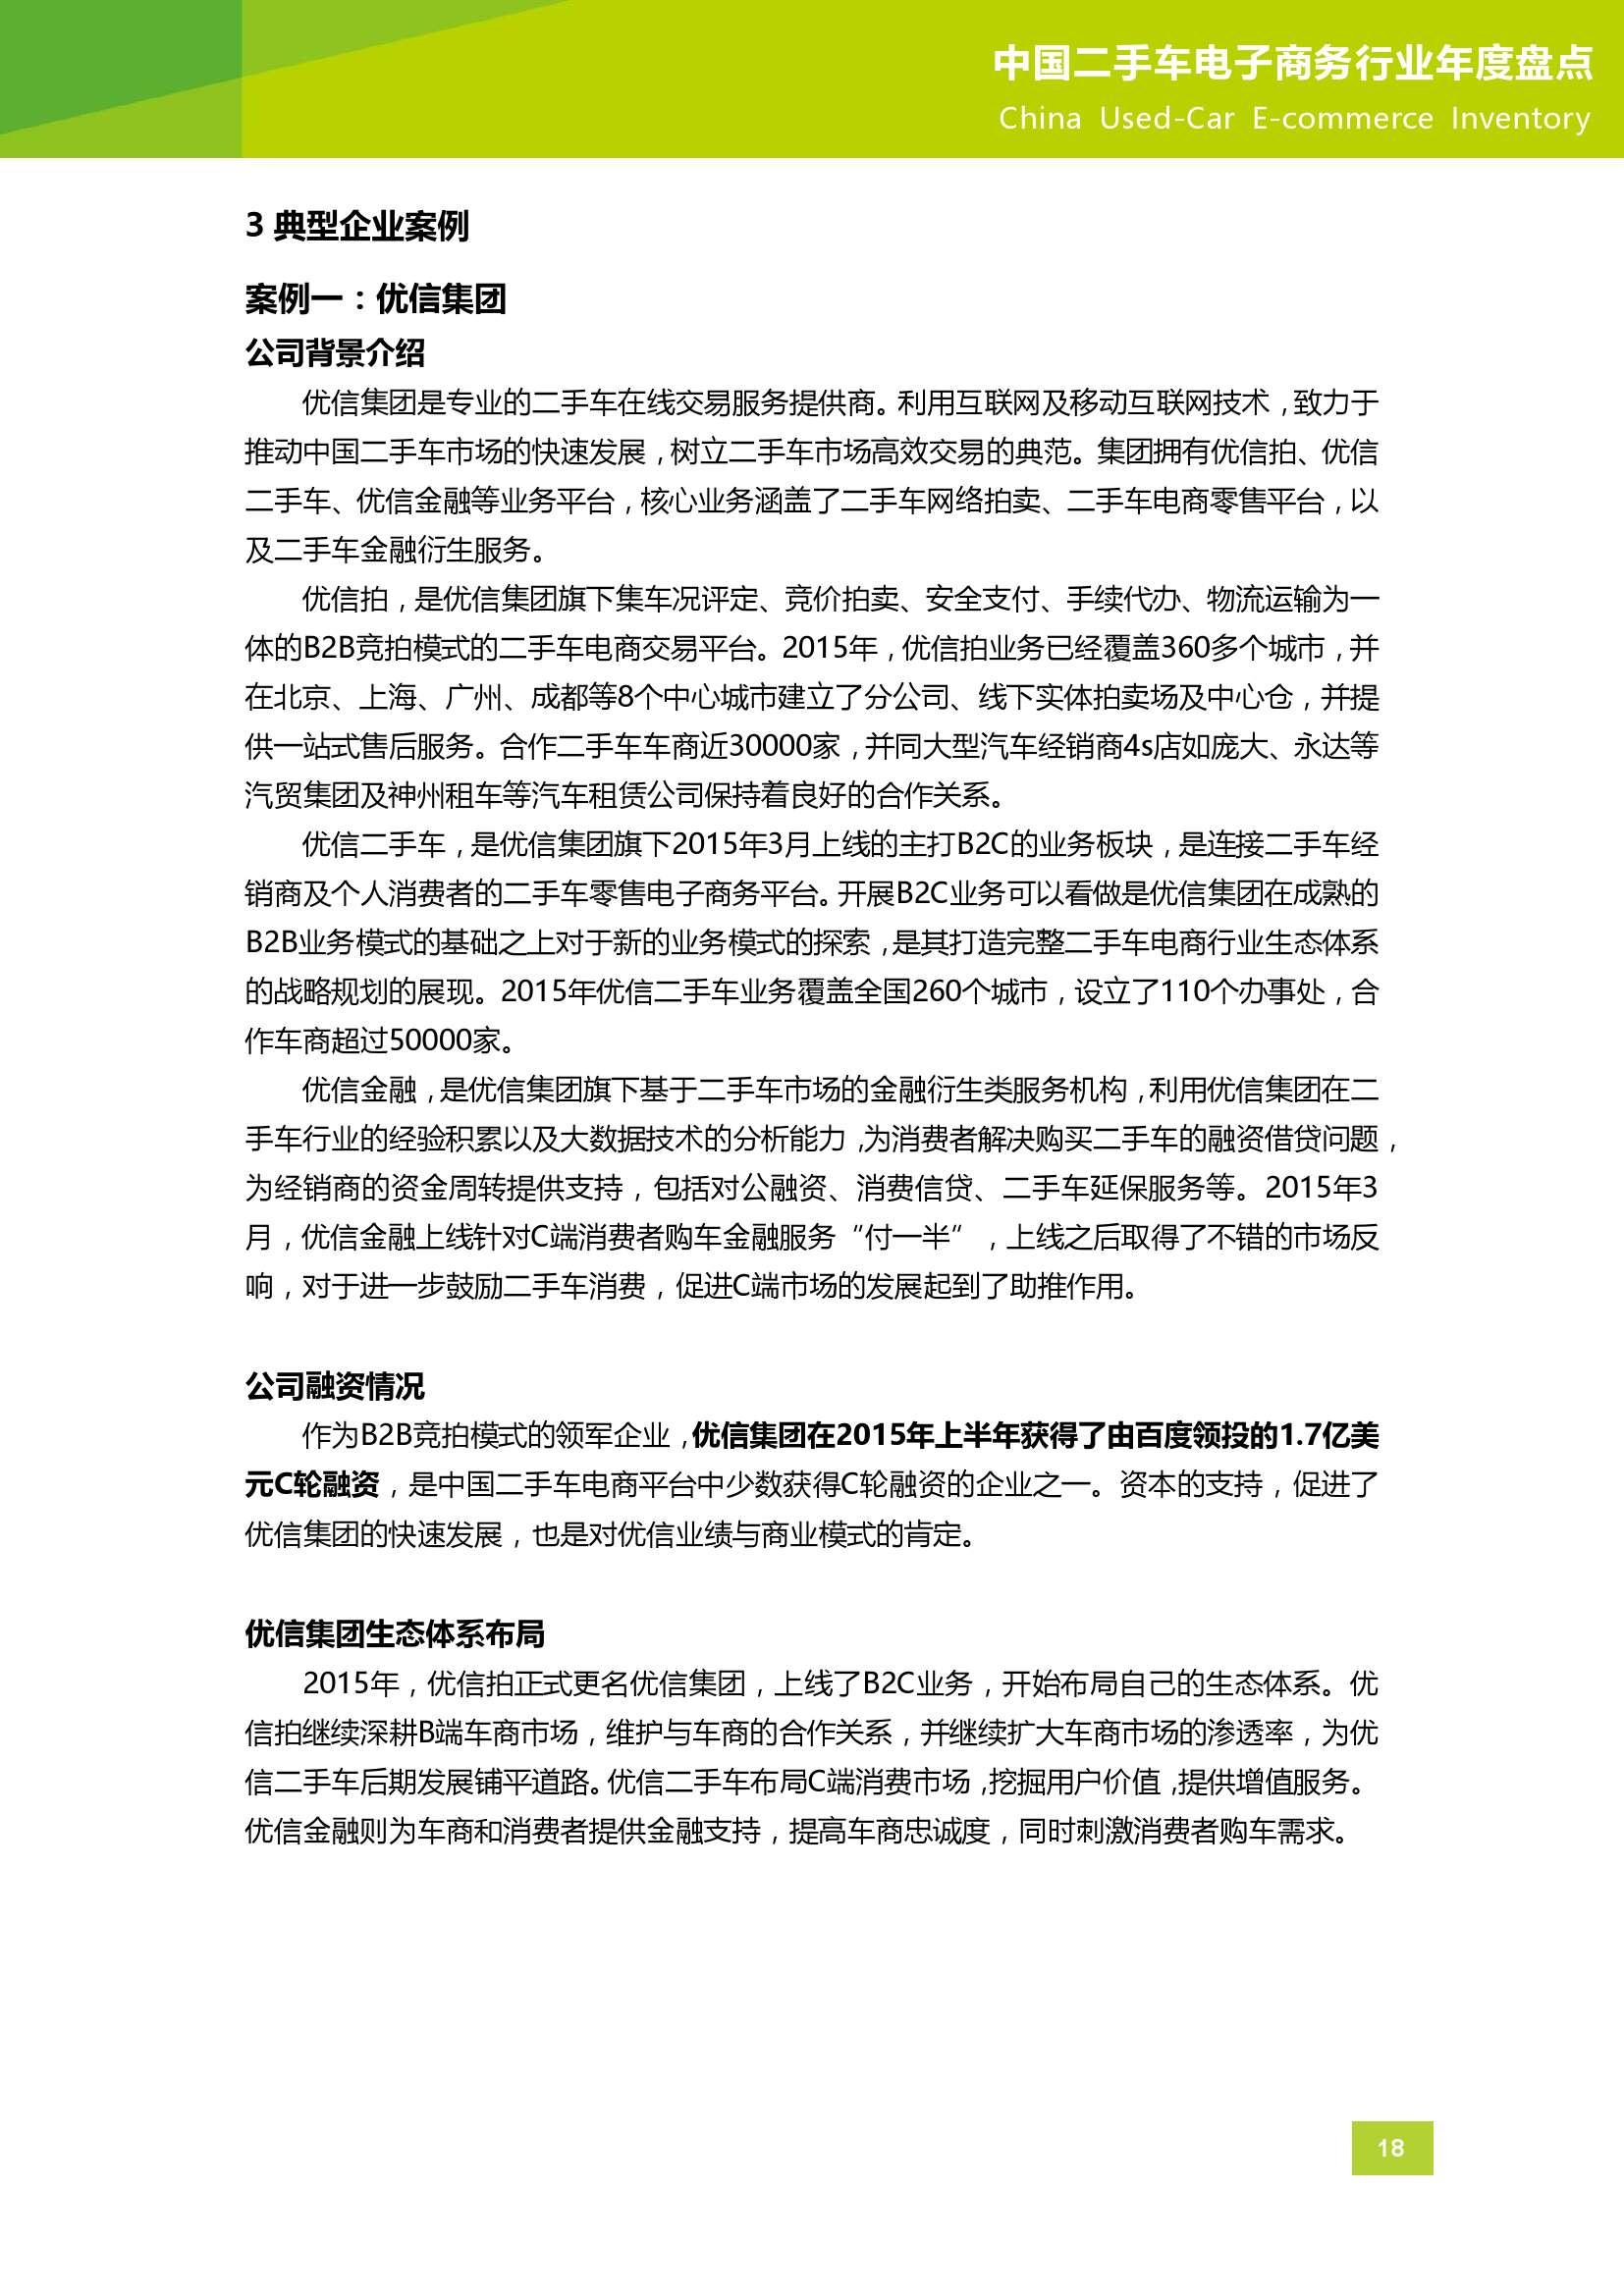 2015年中国二手车电子商务行业年度盘点_000019